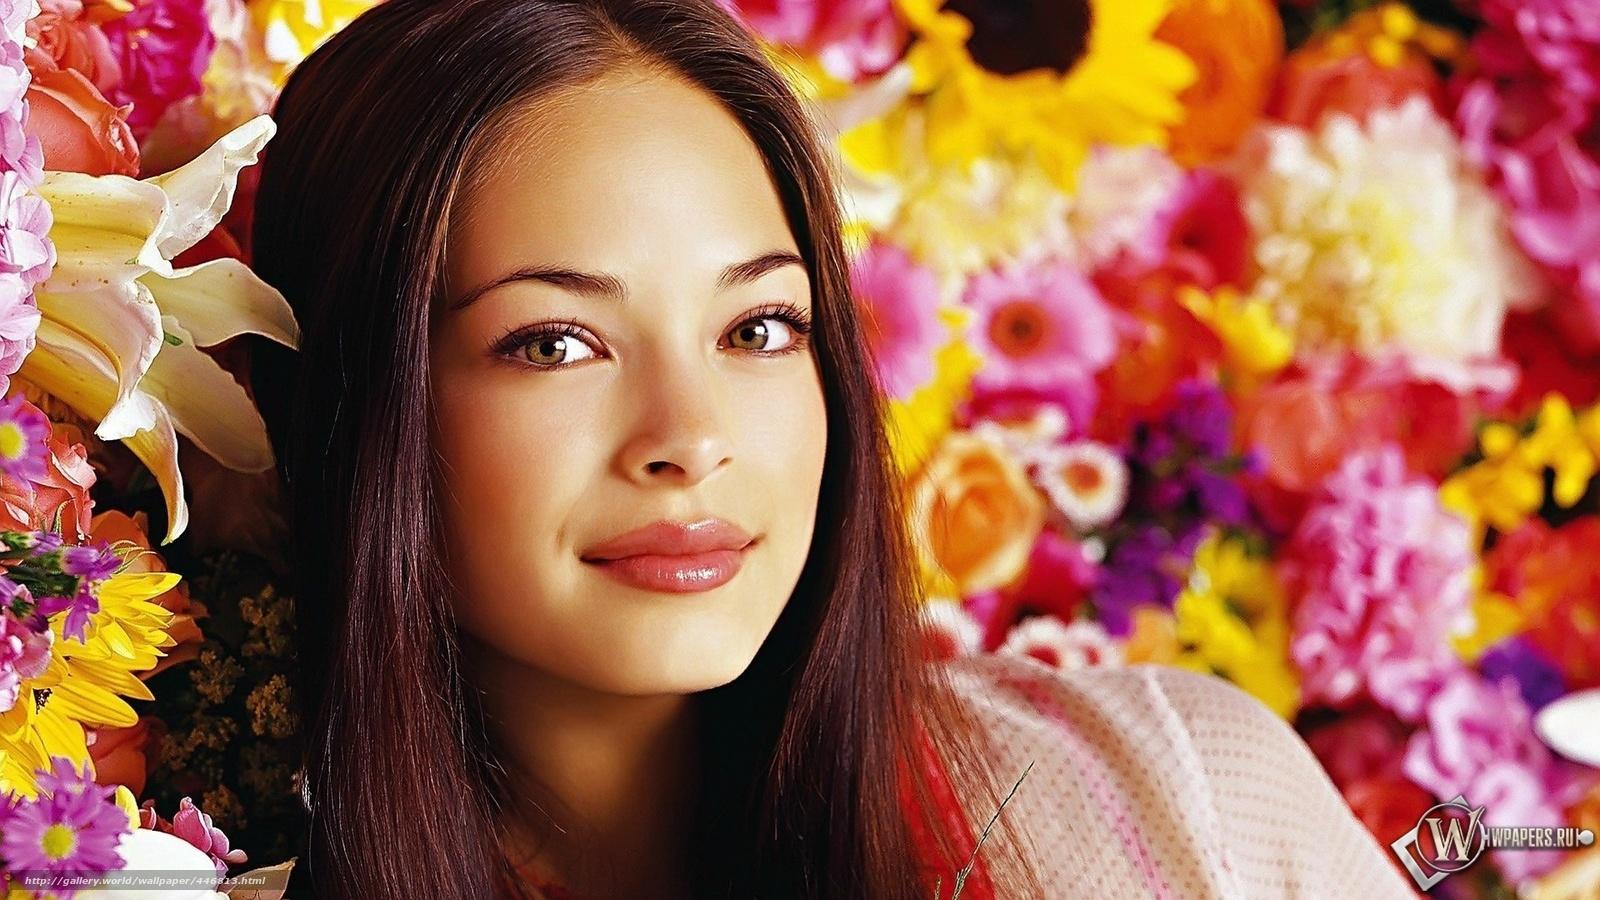 красивые картинки девушек с цветами: